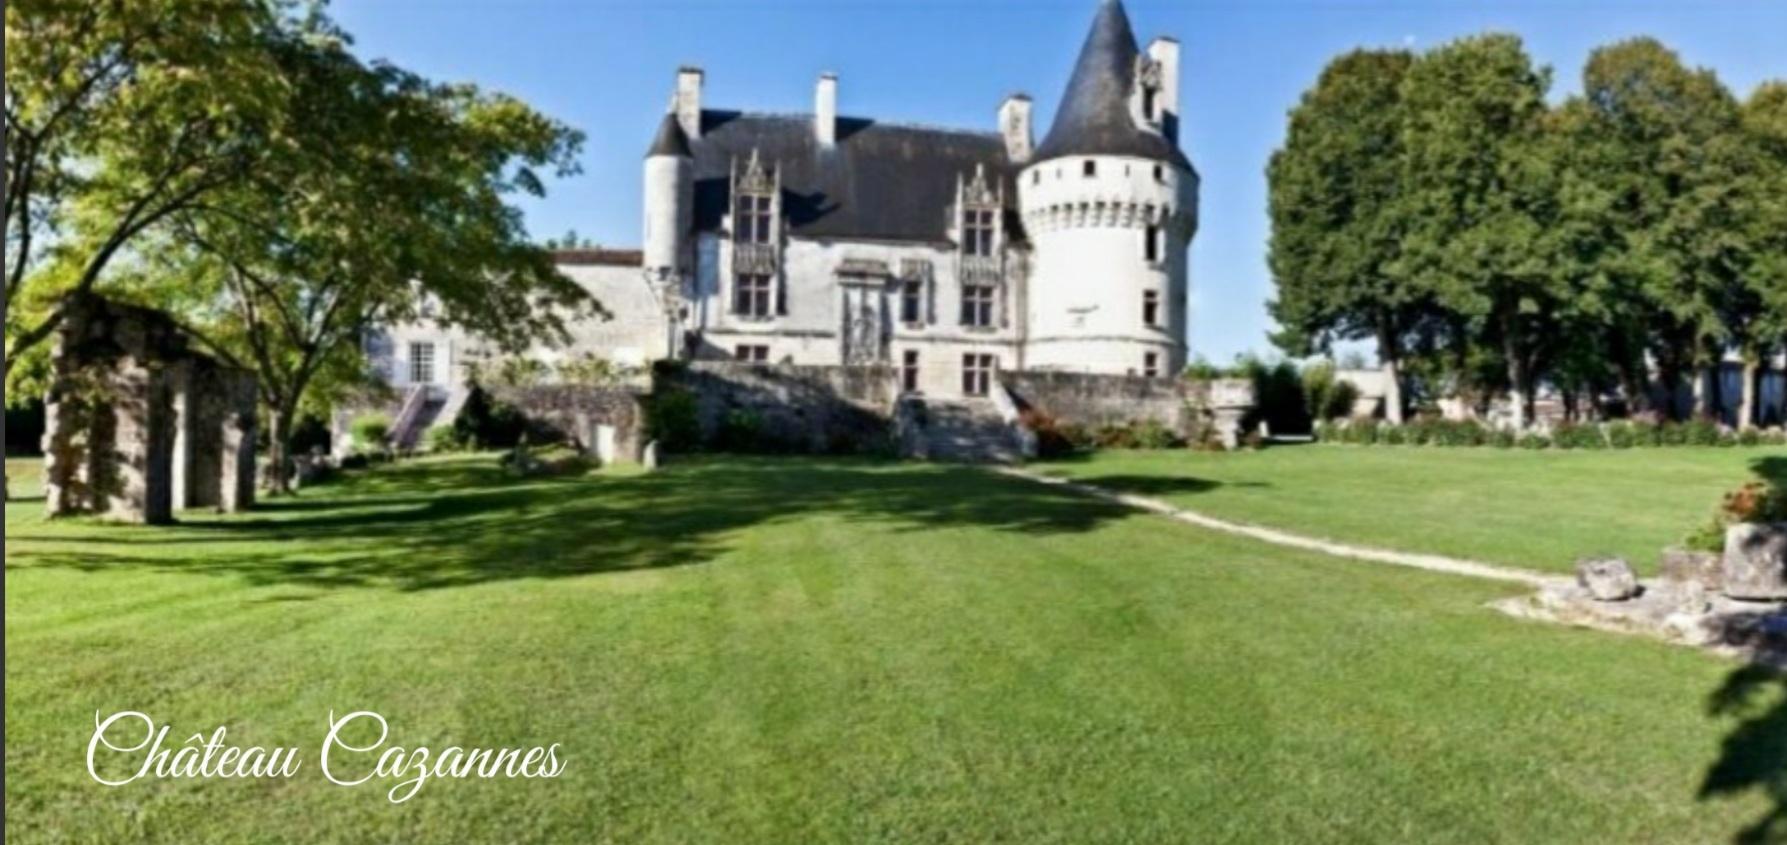 Le Château Crazannes